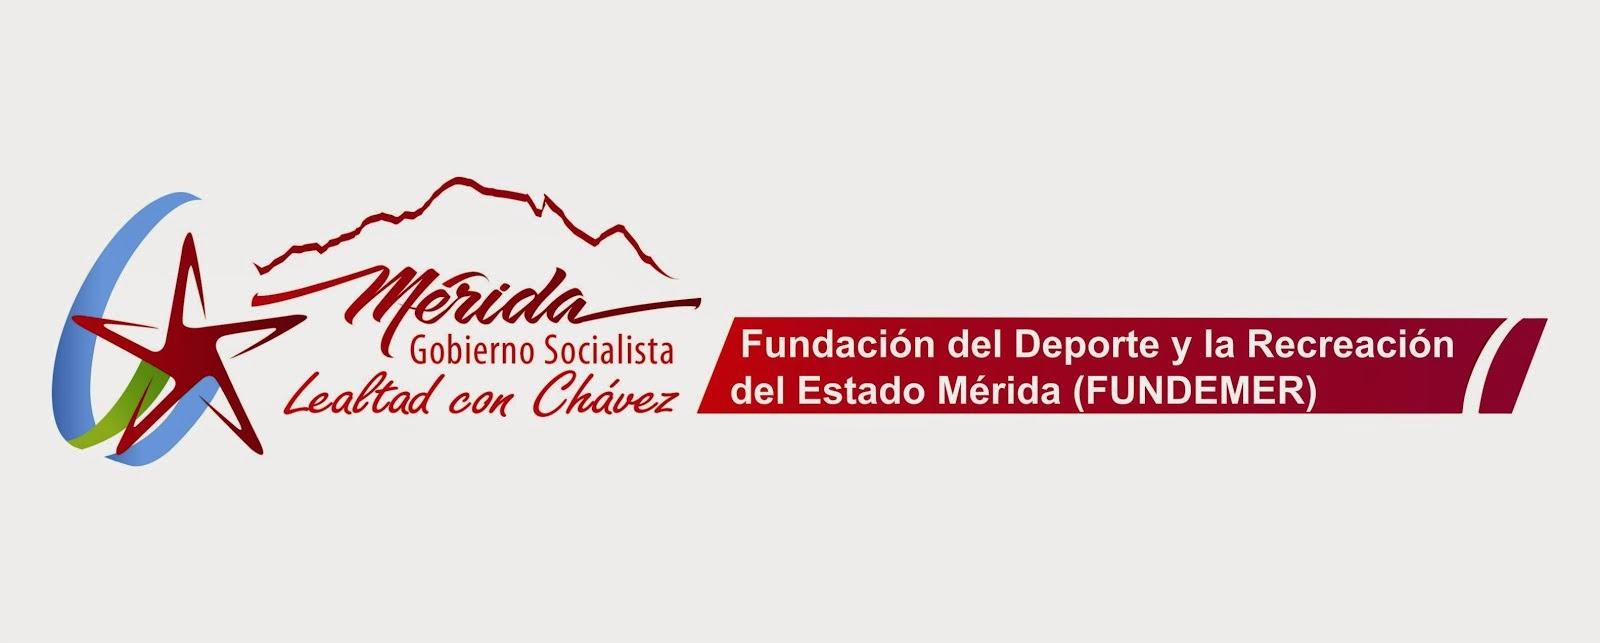 Fundación del Deporte y la Recreación del estado Mérida